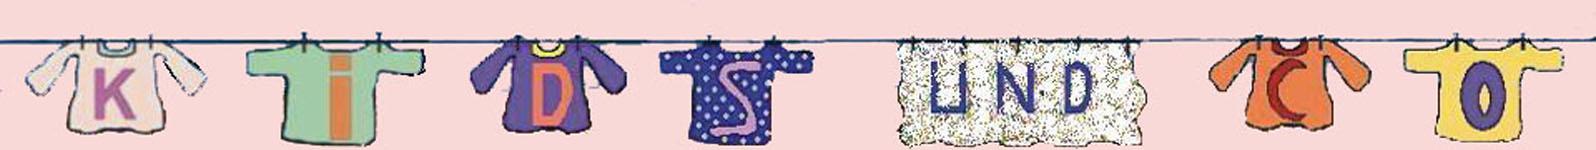 Hier sieht man das Bild vom Logo der Website kidsundcohome auf der Informationen-zu-Montessori-Seite. Das Bild zeigt eine Leine, auf der T-Shirts mit Buchstaben und ein Handtuch mit Buchstaben aufgehängt sind. Die Buchstaben aneinandergefügt, ergeben die Worte Kids und co